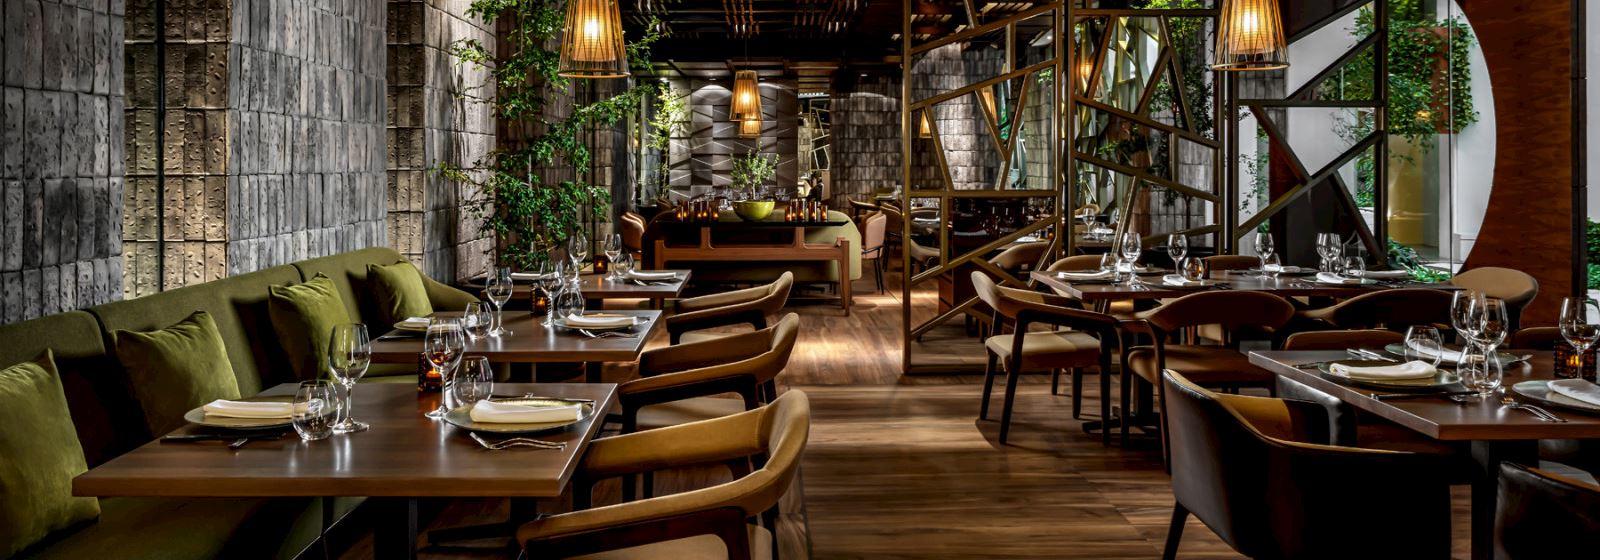 Sen Lin Restaurant of Grand Velas Riviera Nayarit